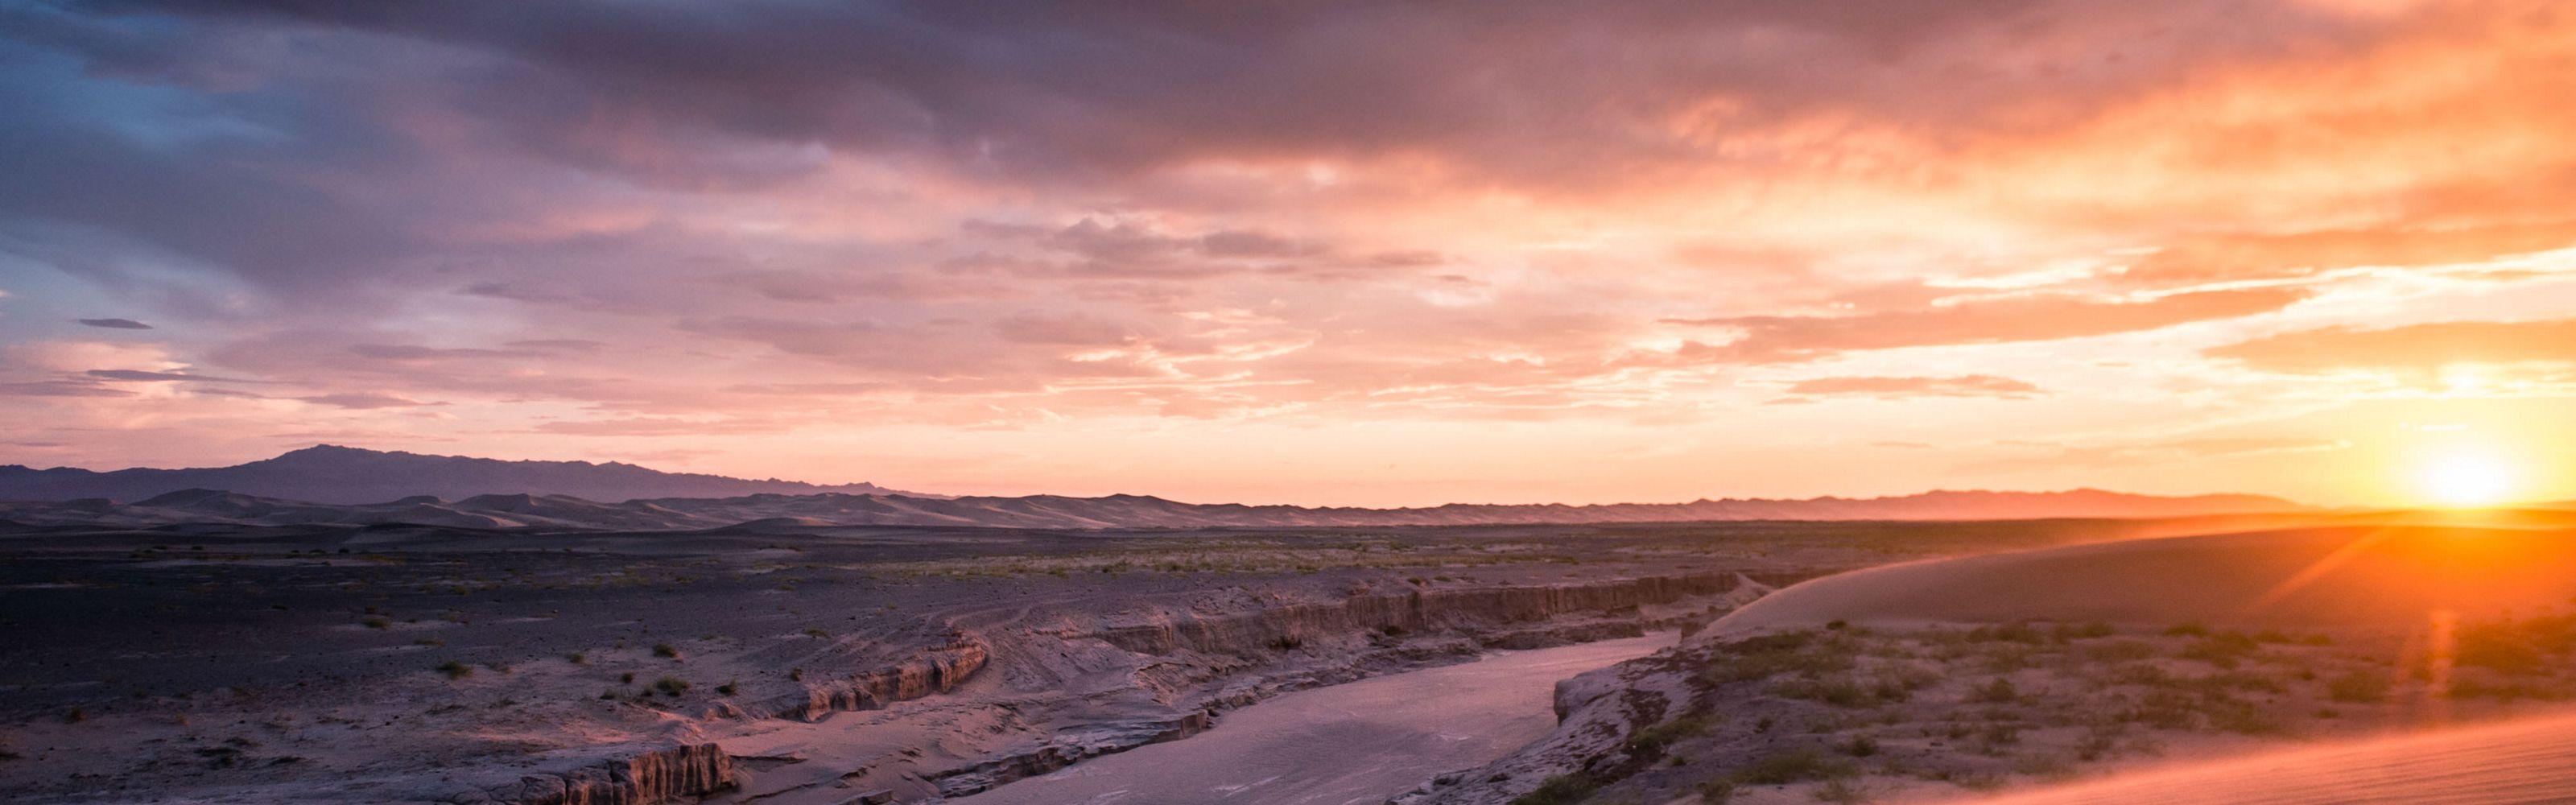 in the Khongor Sand Dunes of the Gobi Desert region of South Central Mongolia.